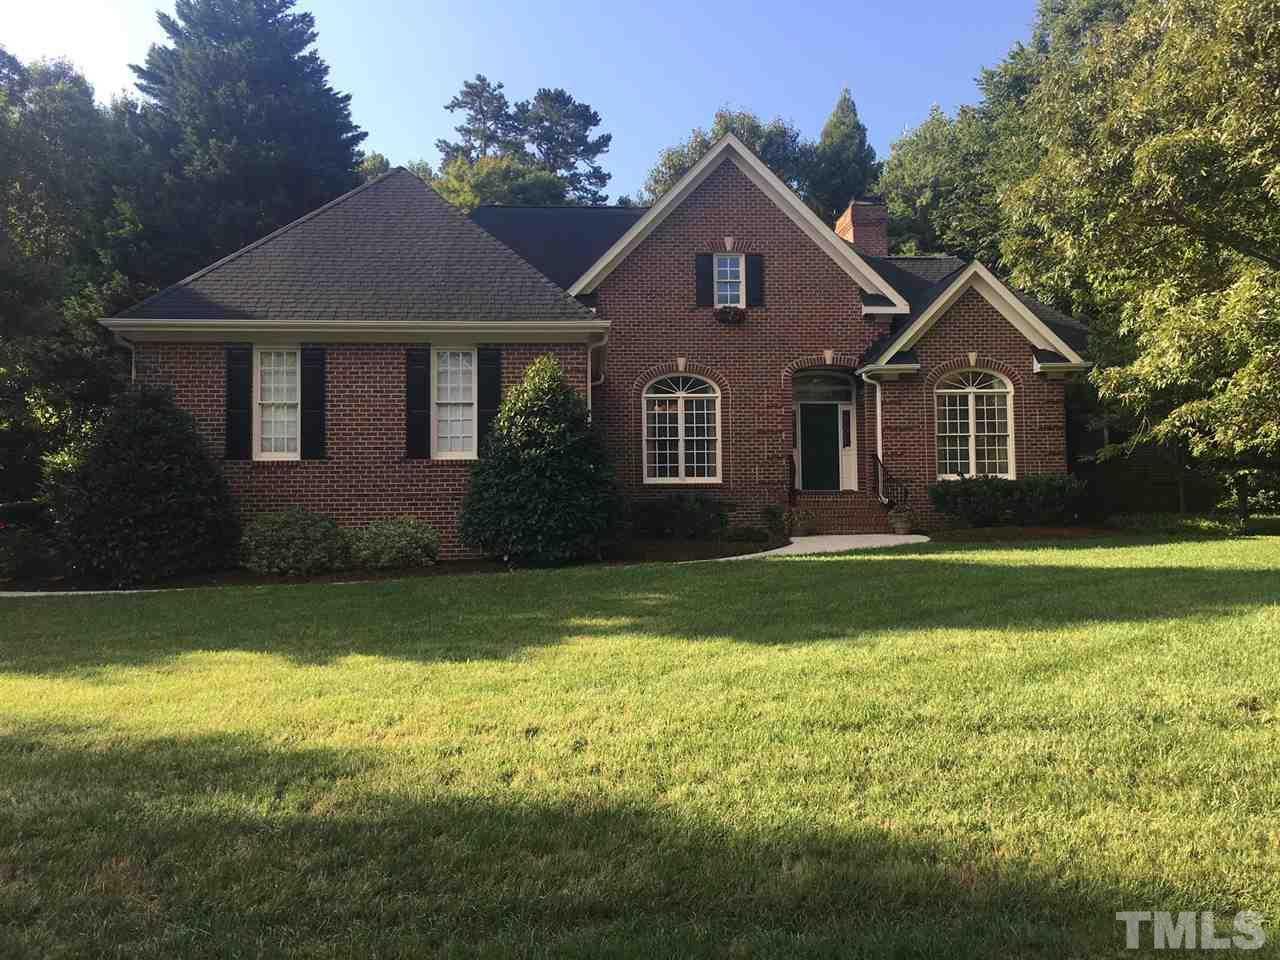 Fullsize Of Homes For Rent